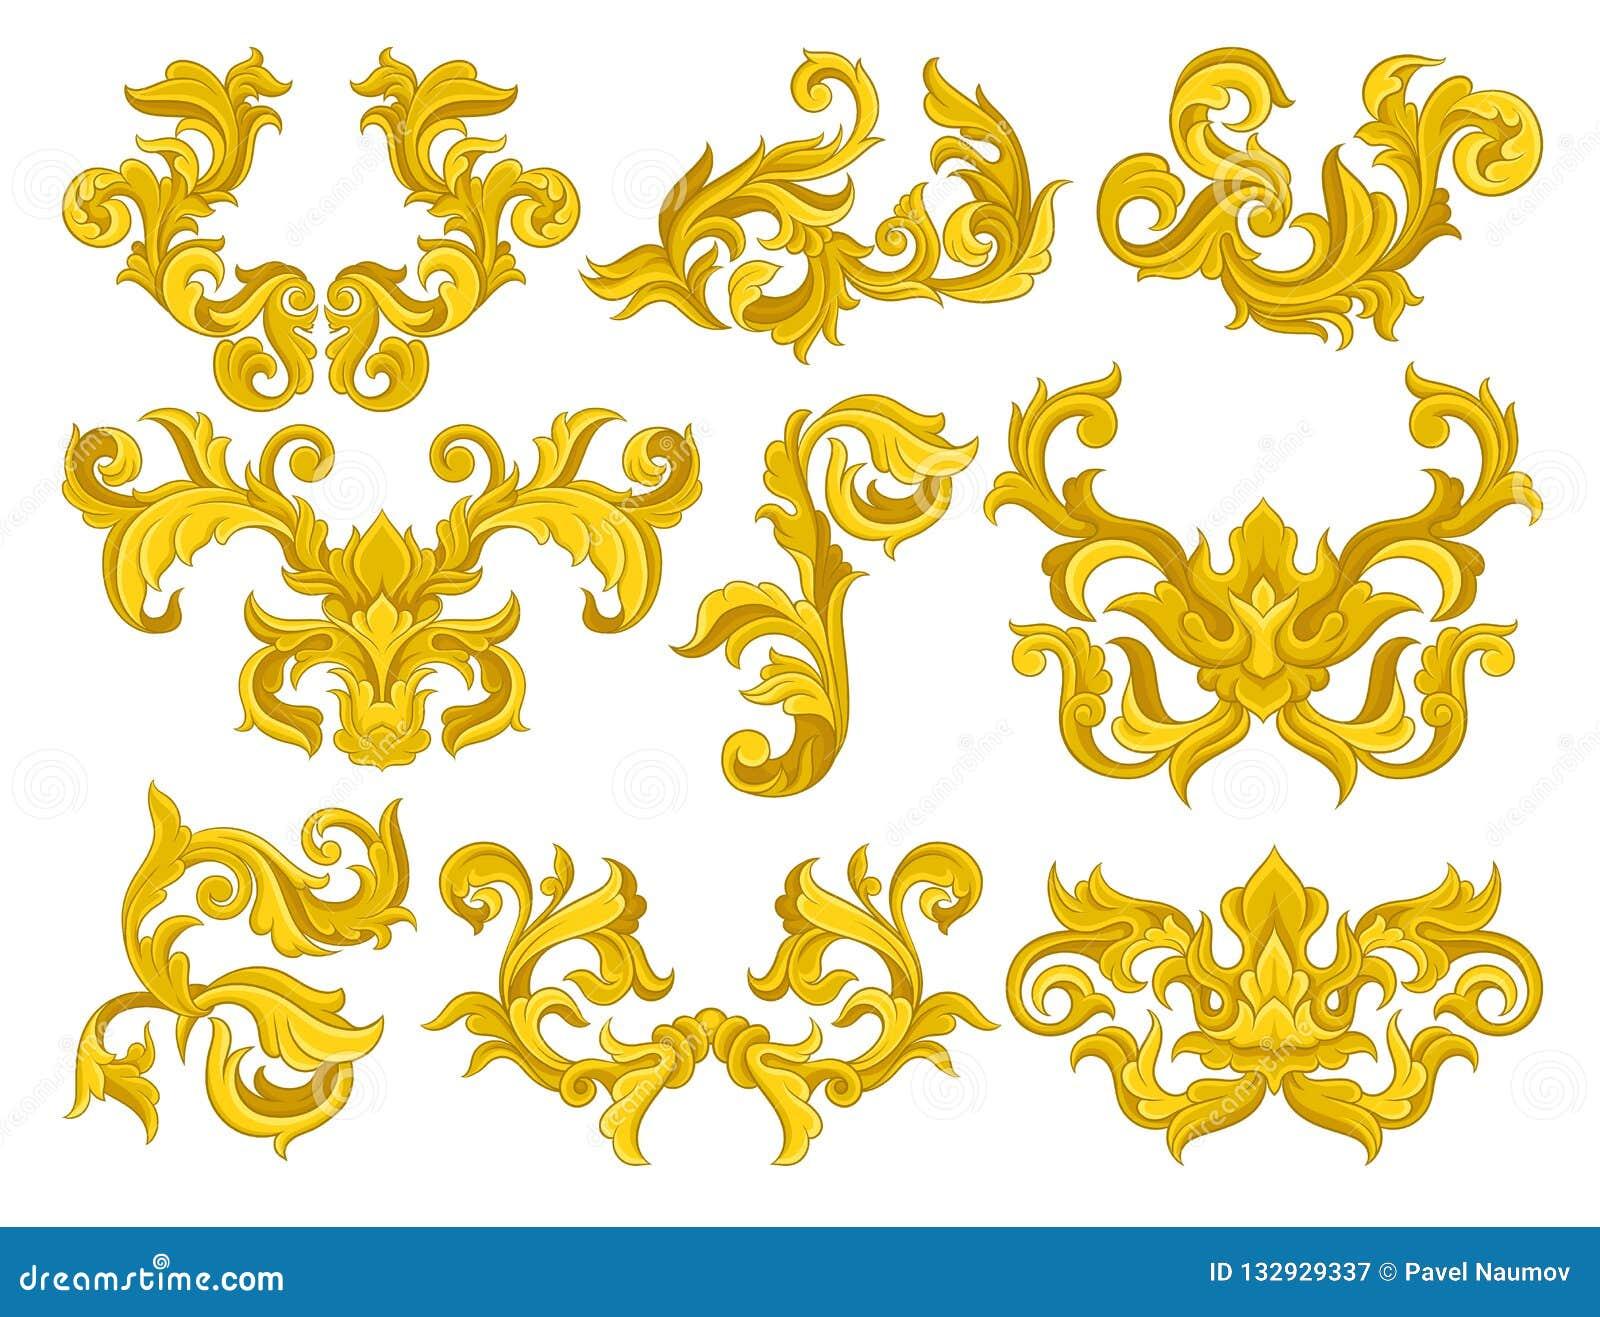 Insieme di vettore degli ornamenti barrocco dorati Modelli floreali lussuosi Elementi decorativi per la cartolina d auguri o dell